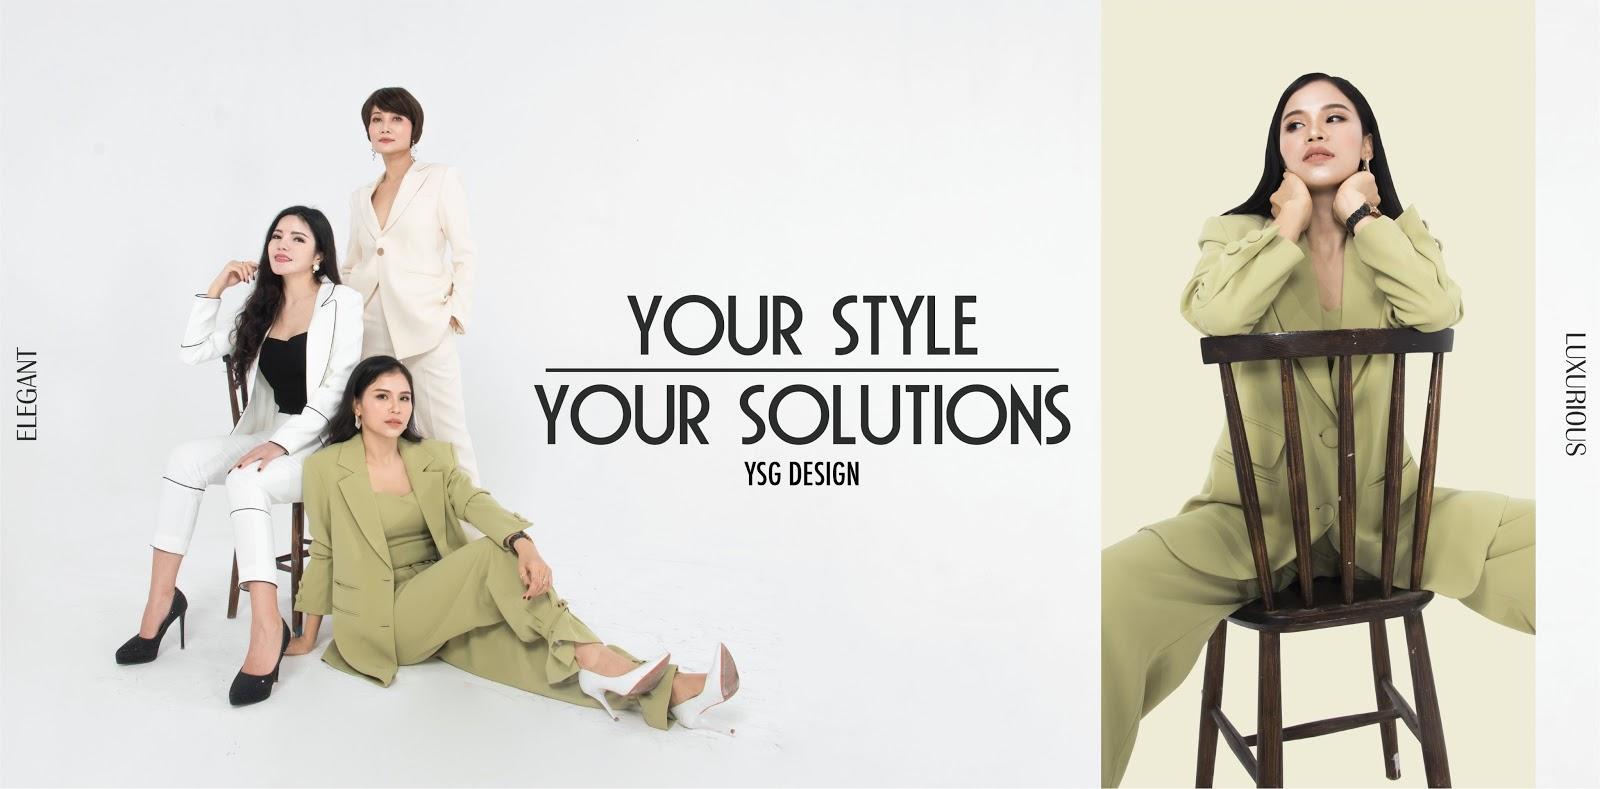 Thương hiệu thời trang YSG - Nhà tài trợ vàng cho Hội nghị sức khỏe sắc đẹp toàn diện và xu hướng ngành làm đẹp 2021 - Ảnh 2